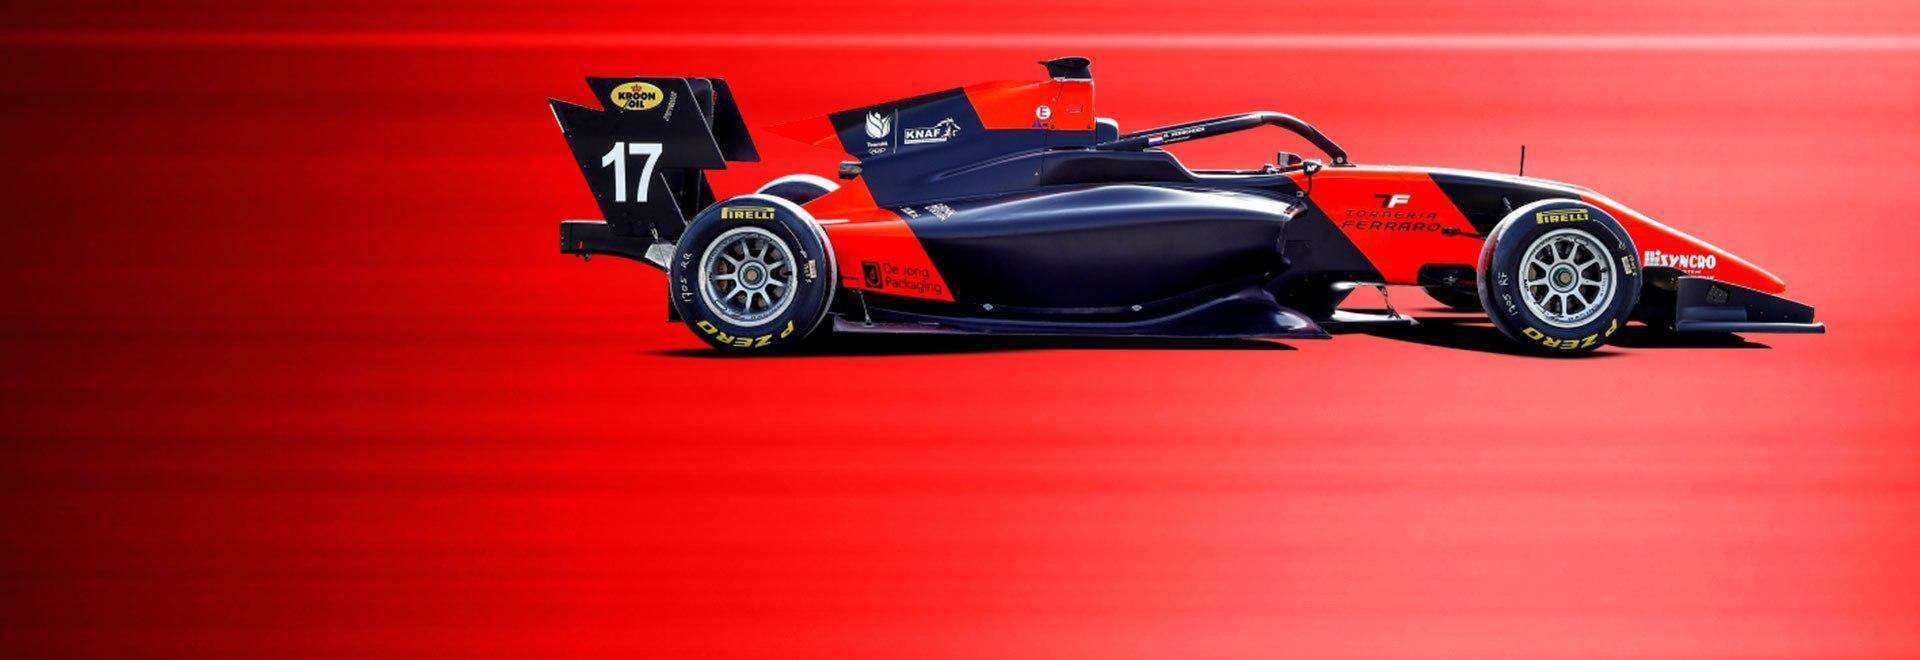 GP Spagna. Gara 1